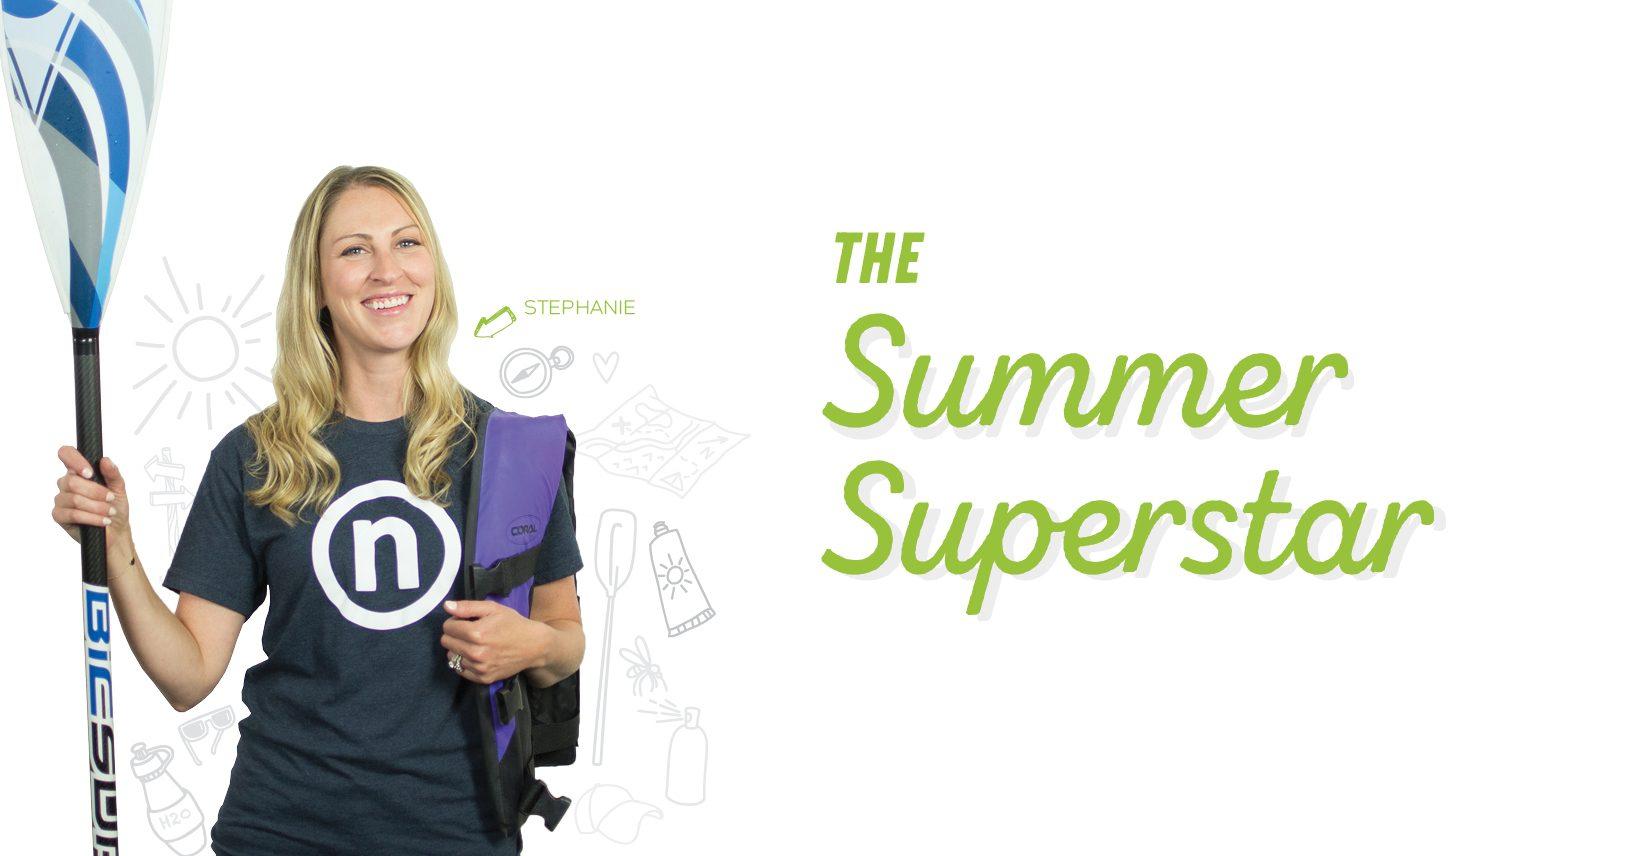 Nelnet Associate Summer Superstar Wellness